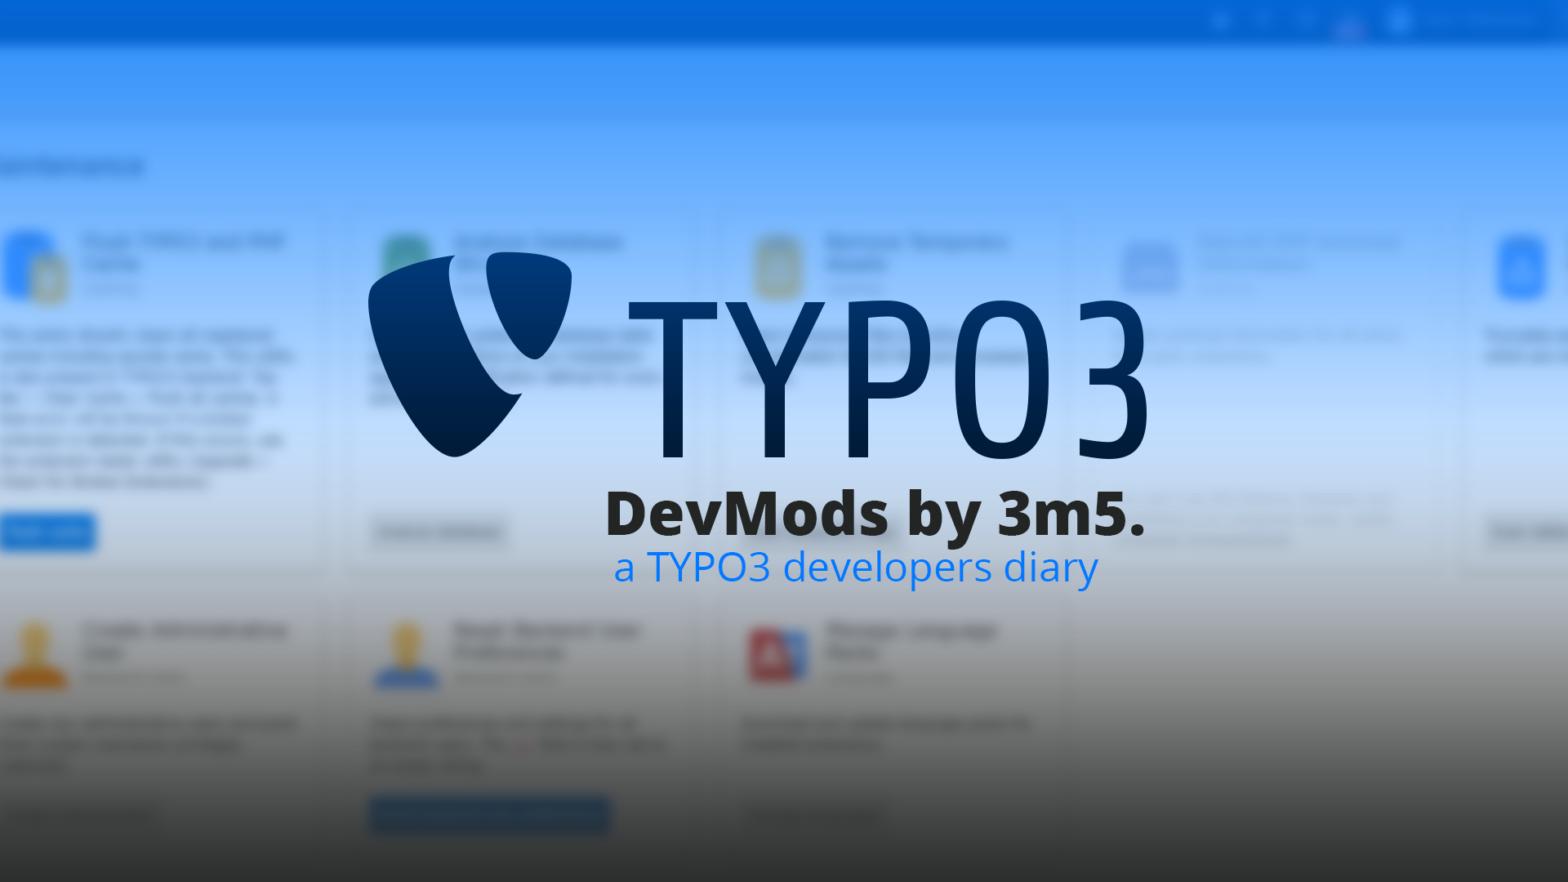 """Titelbild mit TYPO3-Logo und Unterschirft """"DevMods by 3m5."""""""